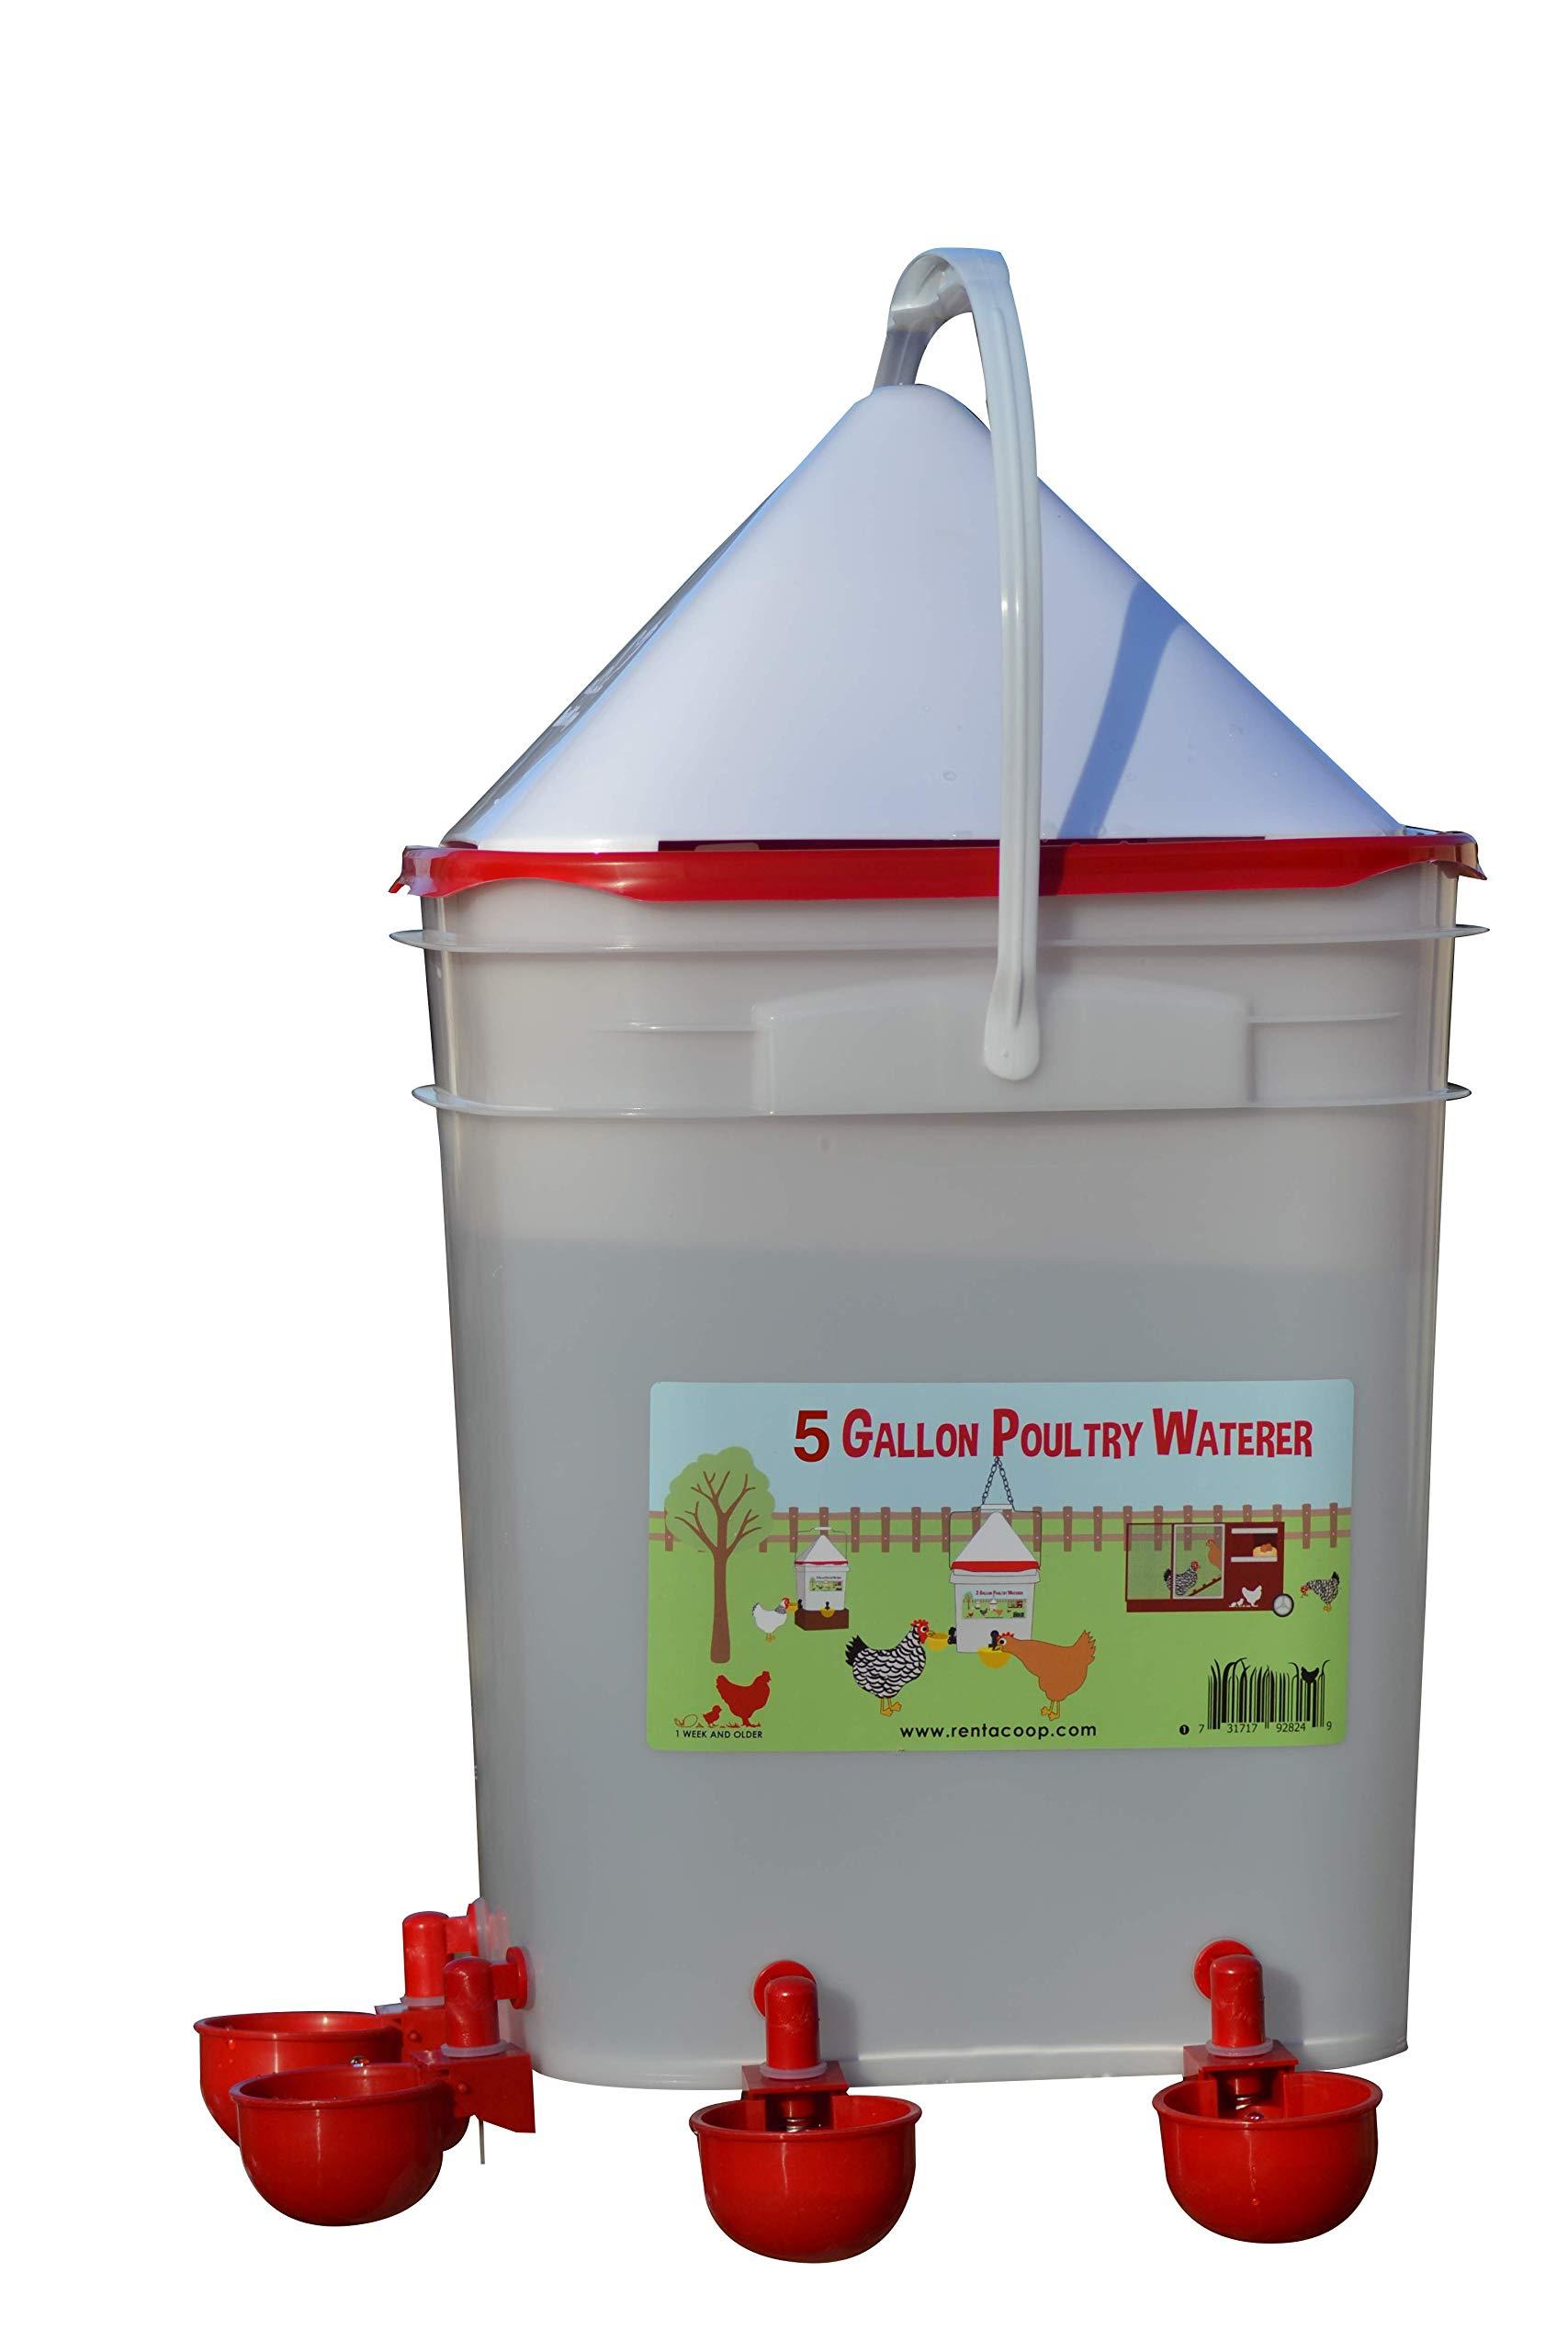 RentACoop 5 Gallon/ 4 Automatic Chicken Nipple Water Cup Chicken Waterer (Corner Placement) by RentACoop